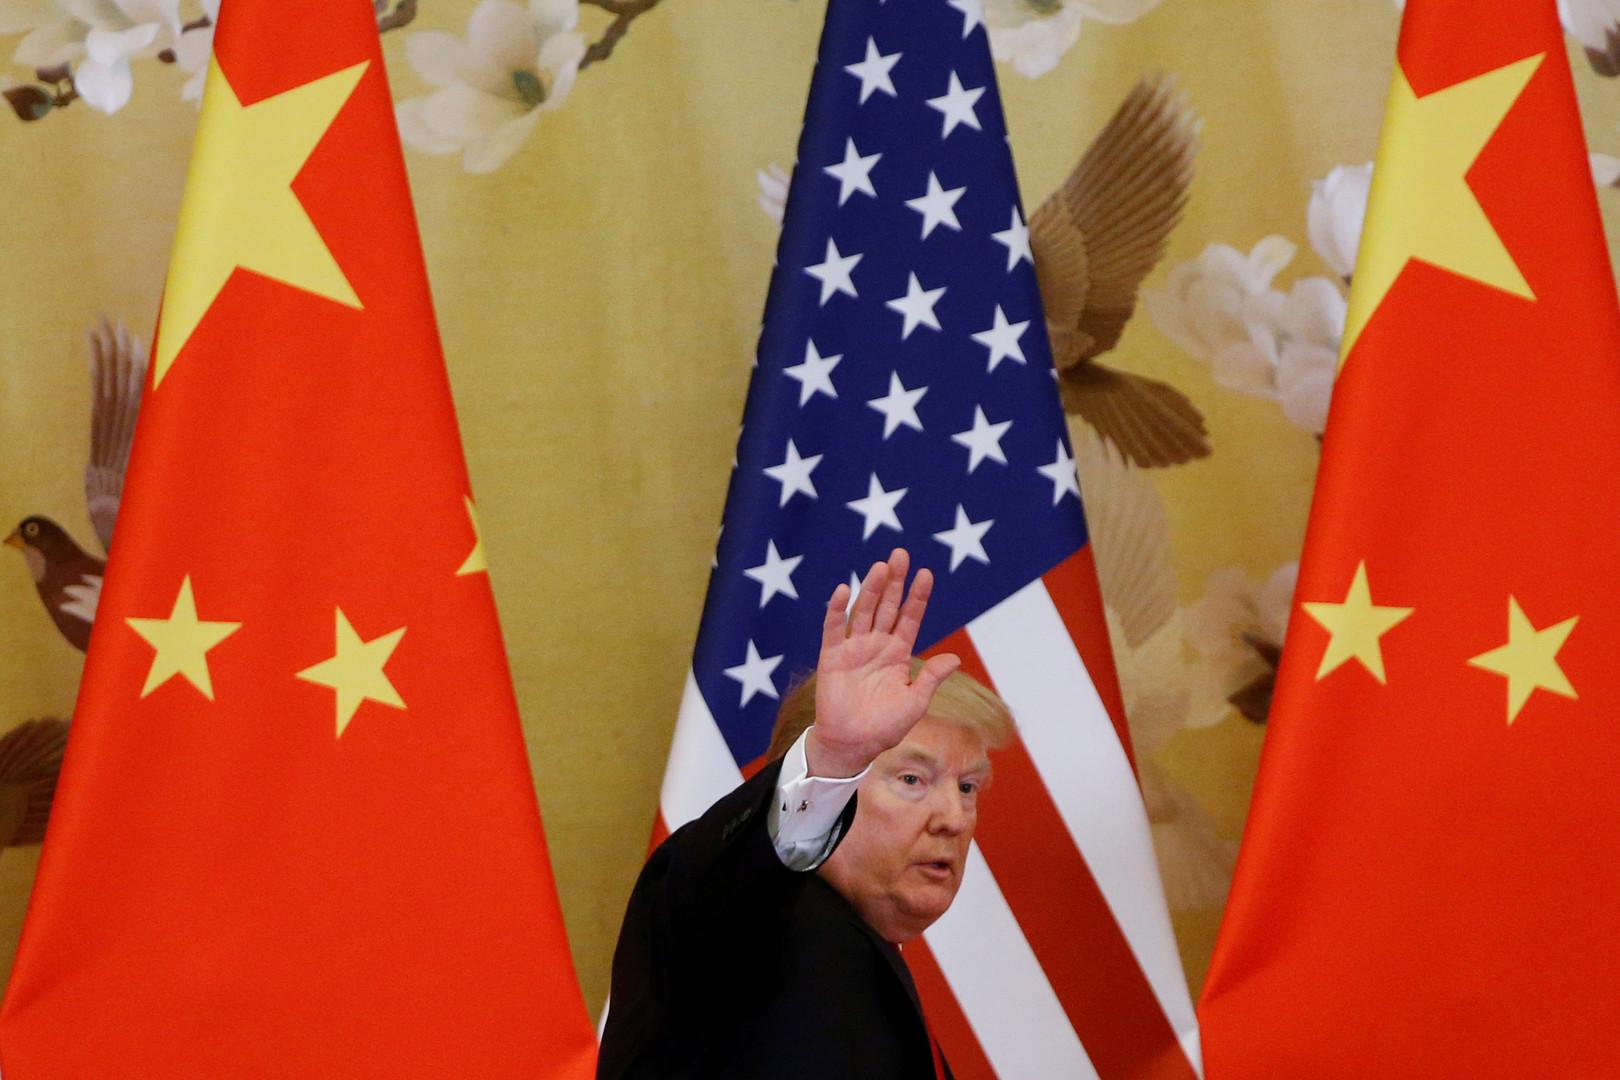 ترامب للصين: الدولارات تصب في جيبي وأنا لست مستعجلا!